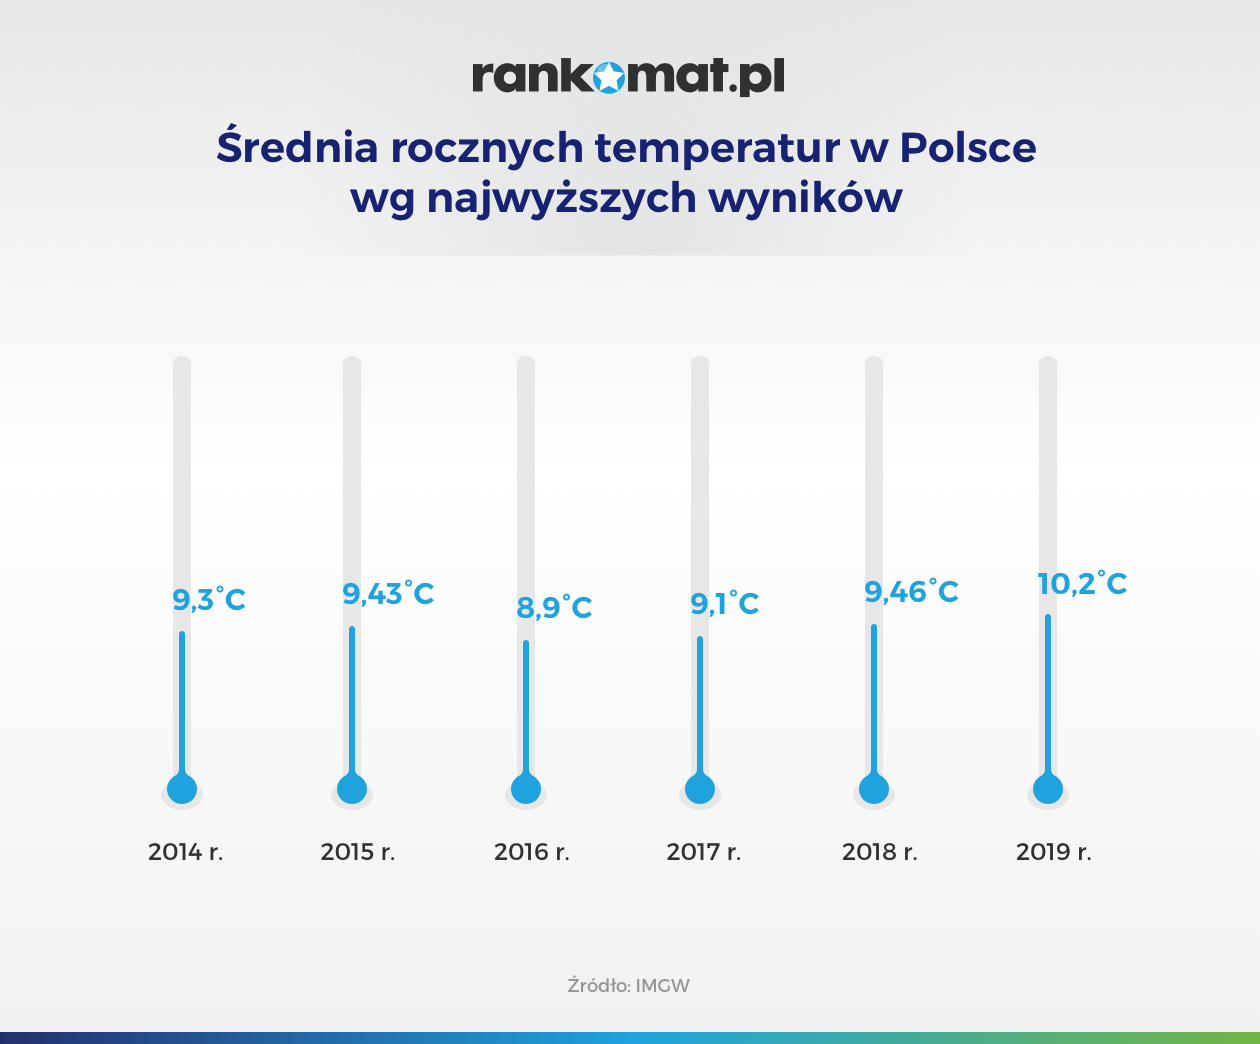 Średnia rocznych temperatur w Polsce wg najwyższych wyników_v1